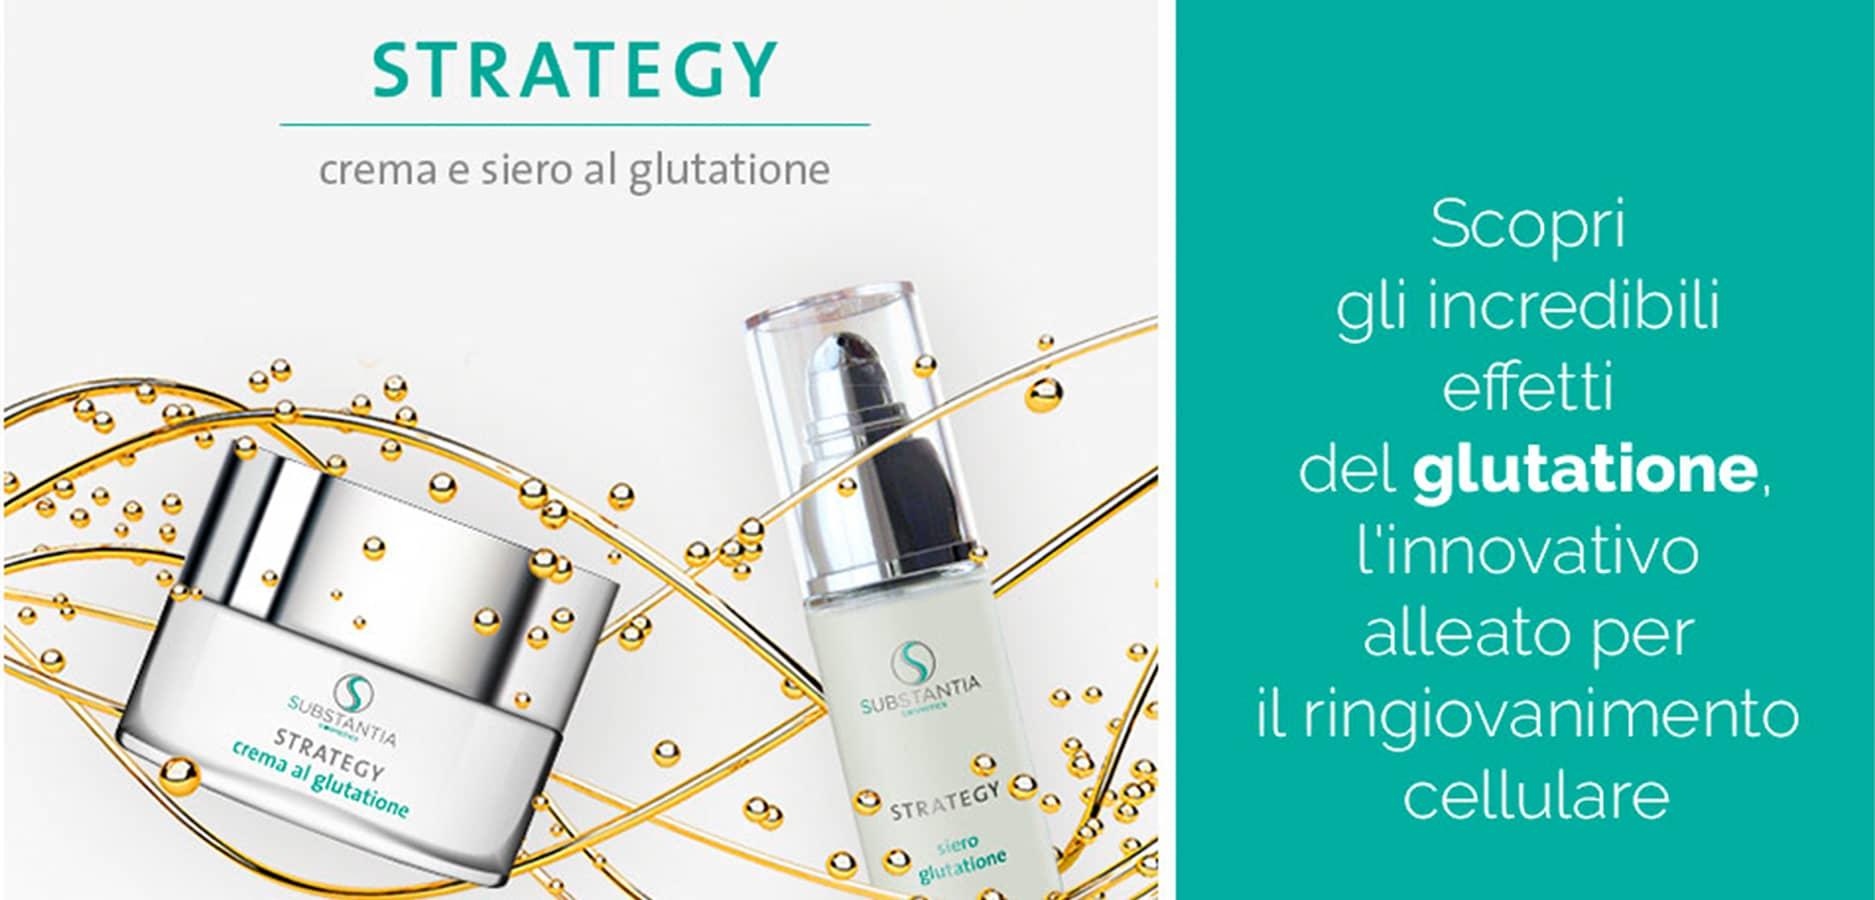 Strategy, crema al glutatione